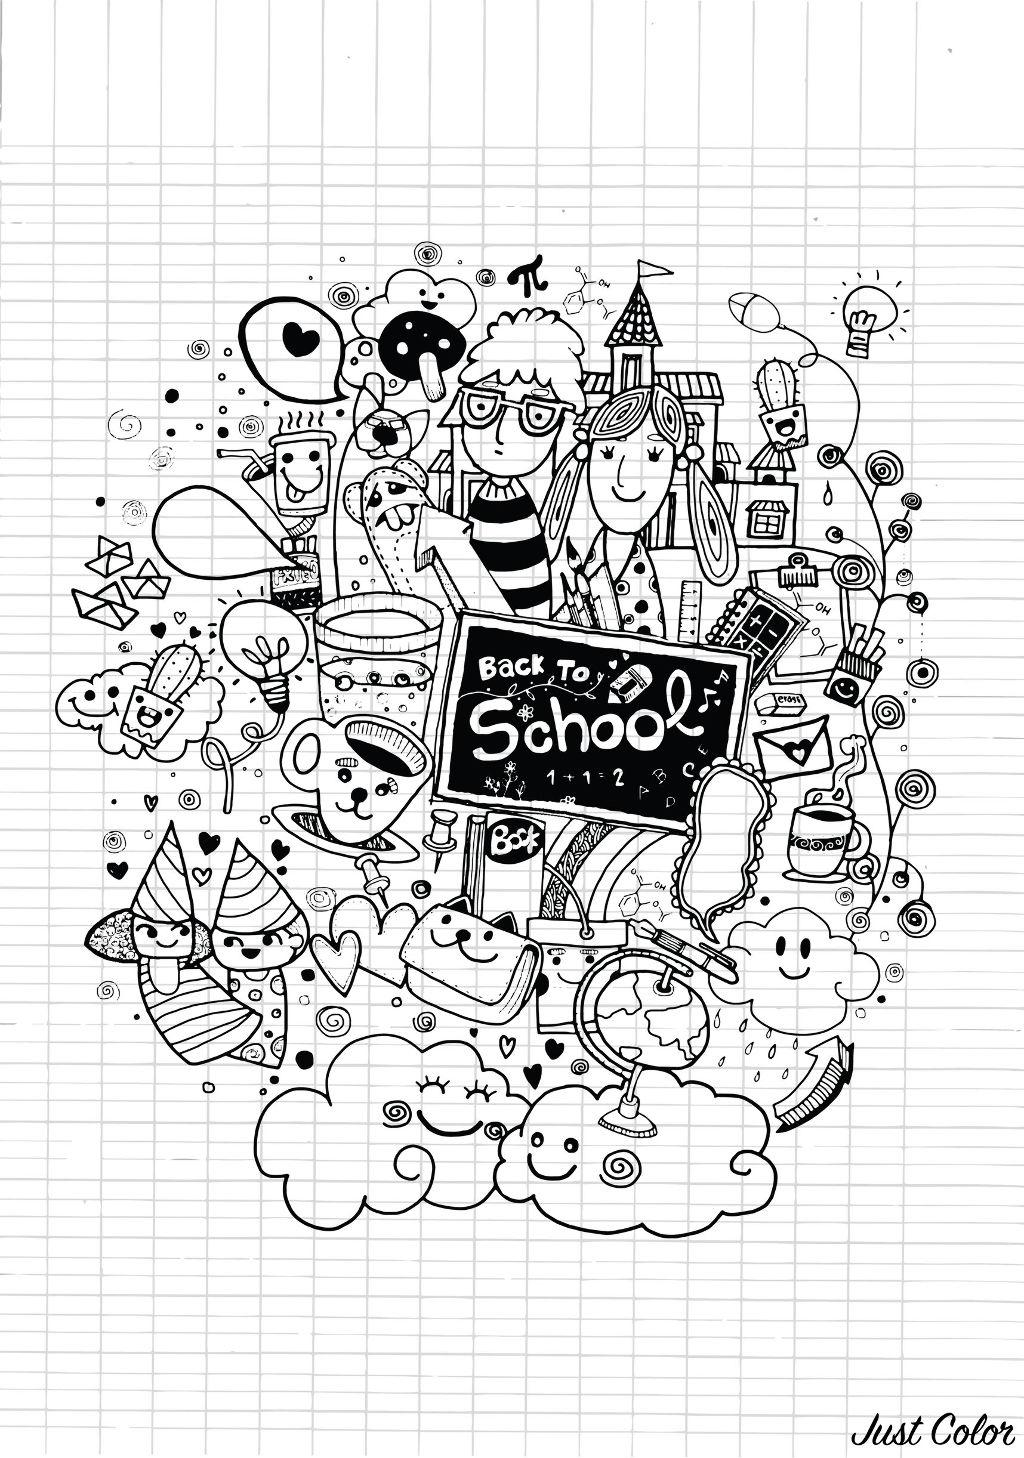 Doodle Rentree Des Classes Sur Cahier - Doodles dedans Coloriage Rentr?E Des Classes